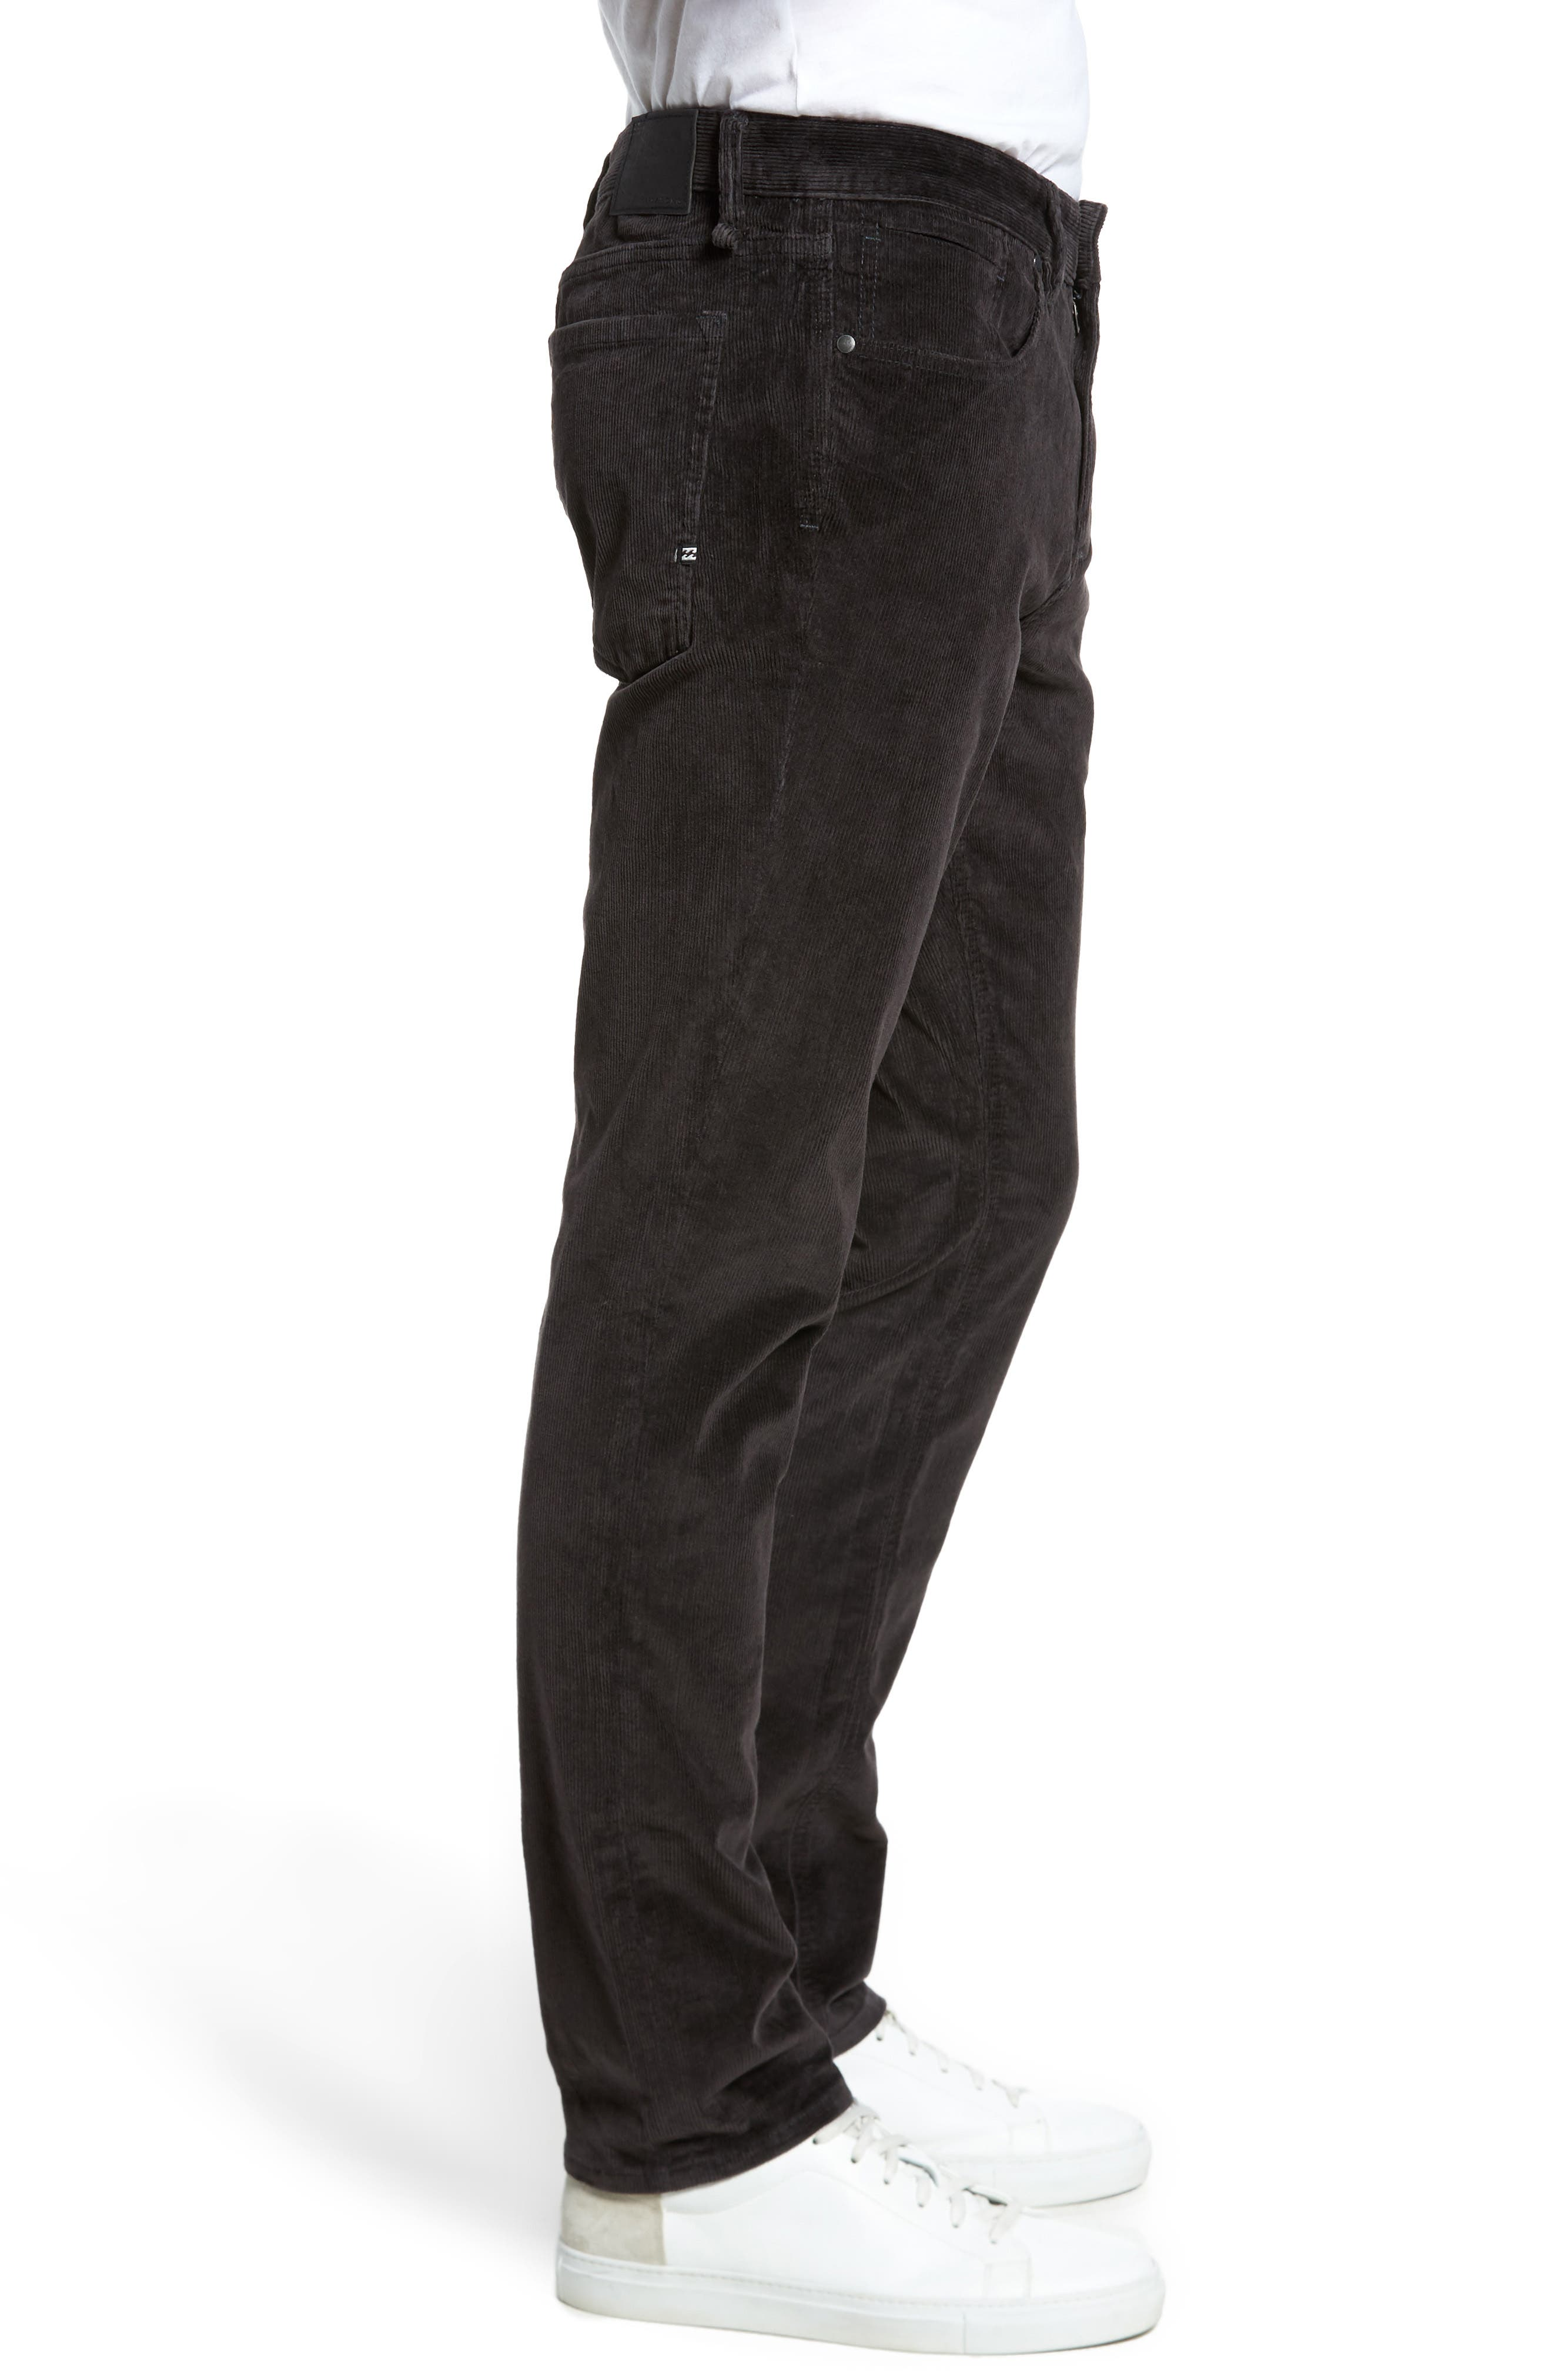 Outsider Corduroy Pants,                             Alternate thumbnail 3, color,                             Charcoal